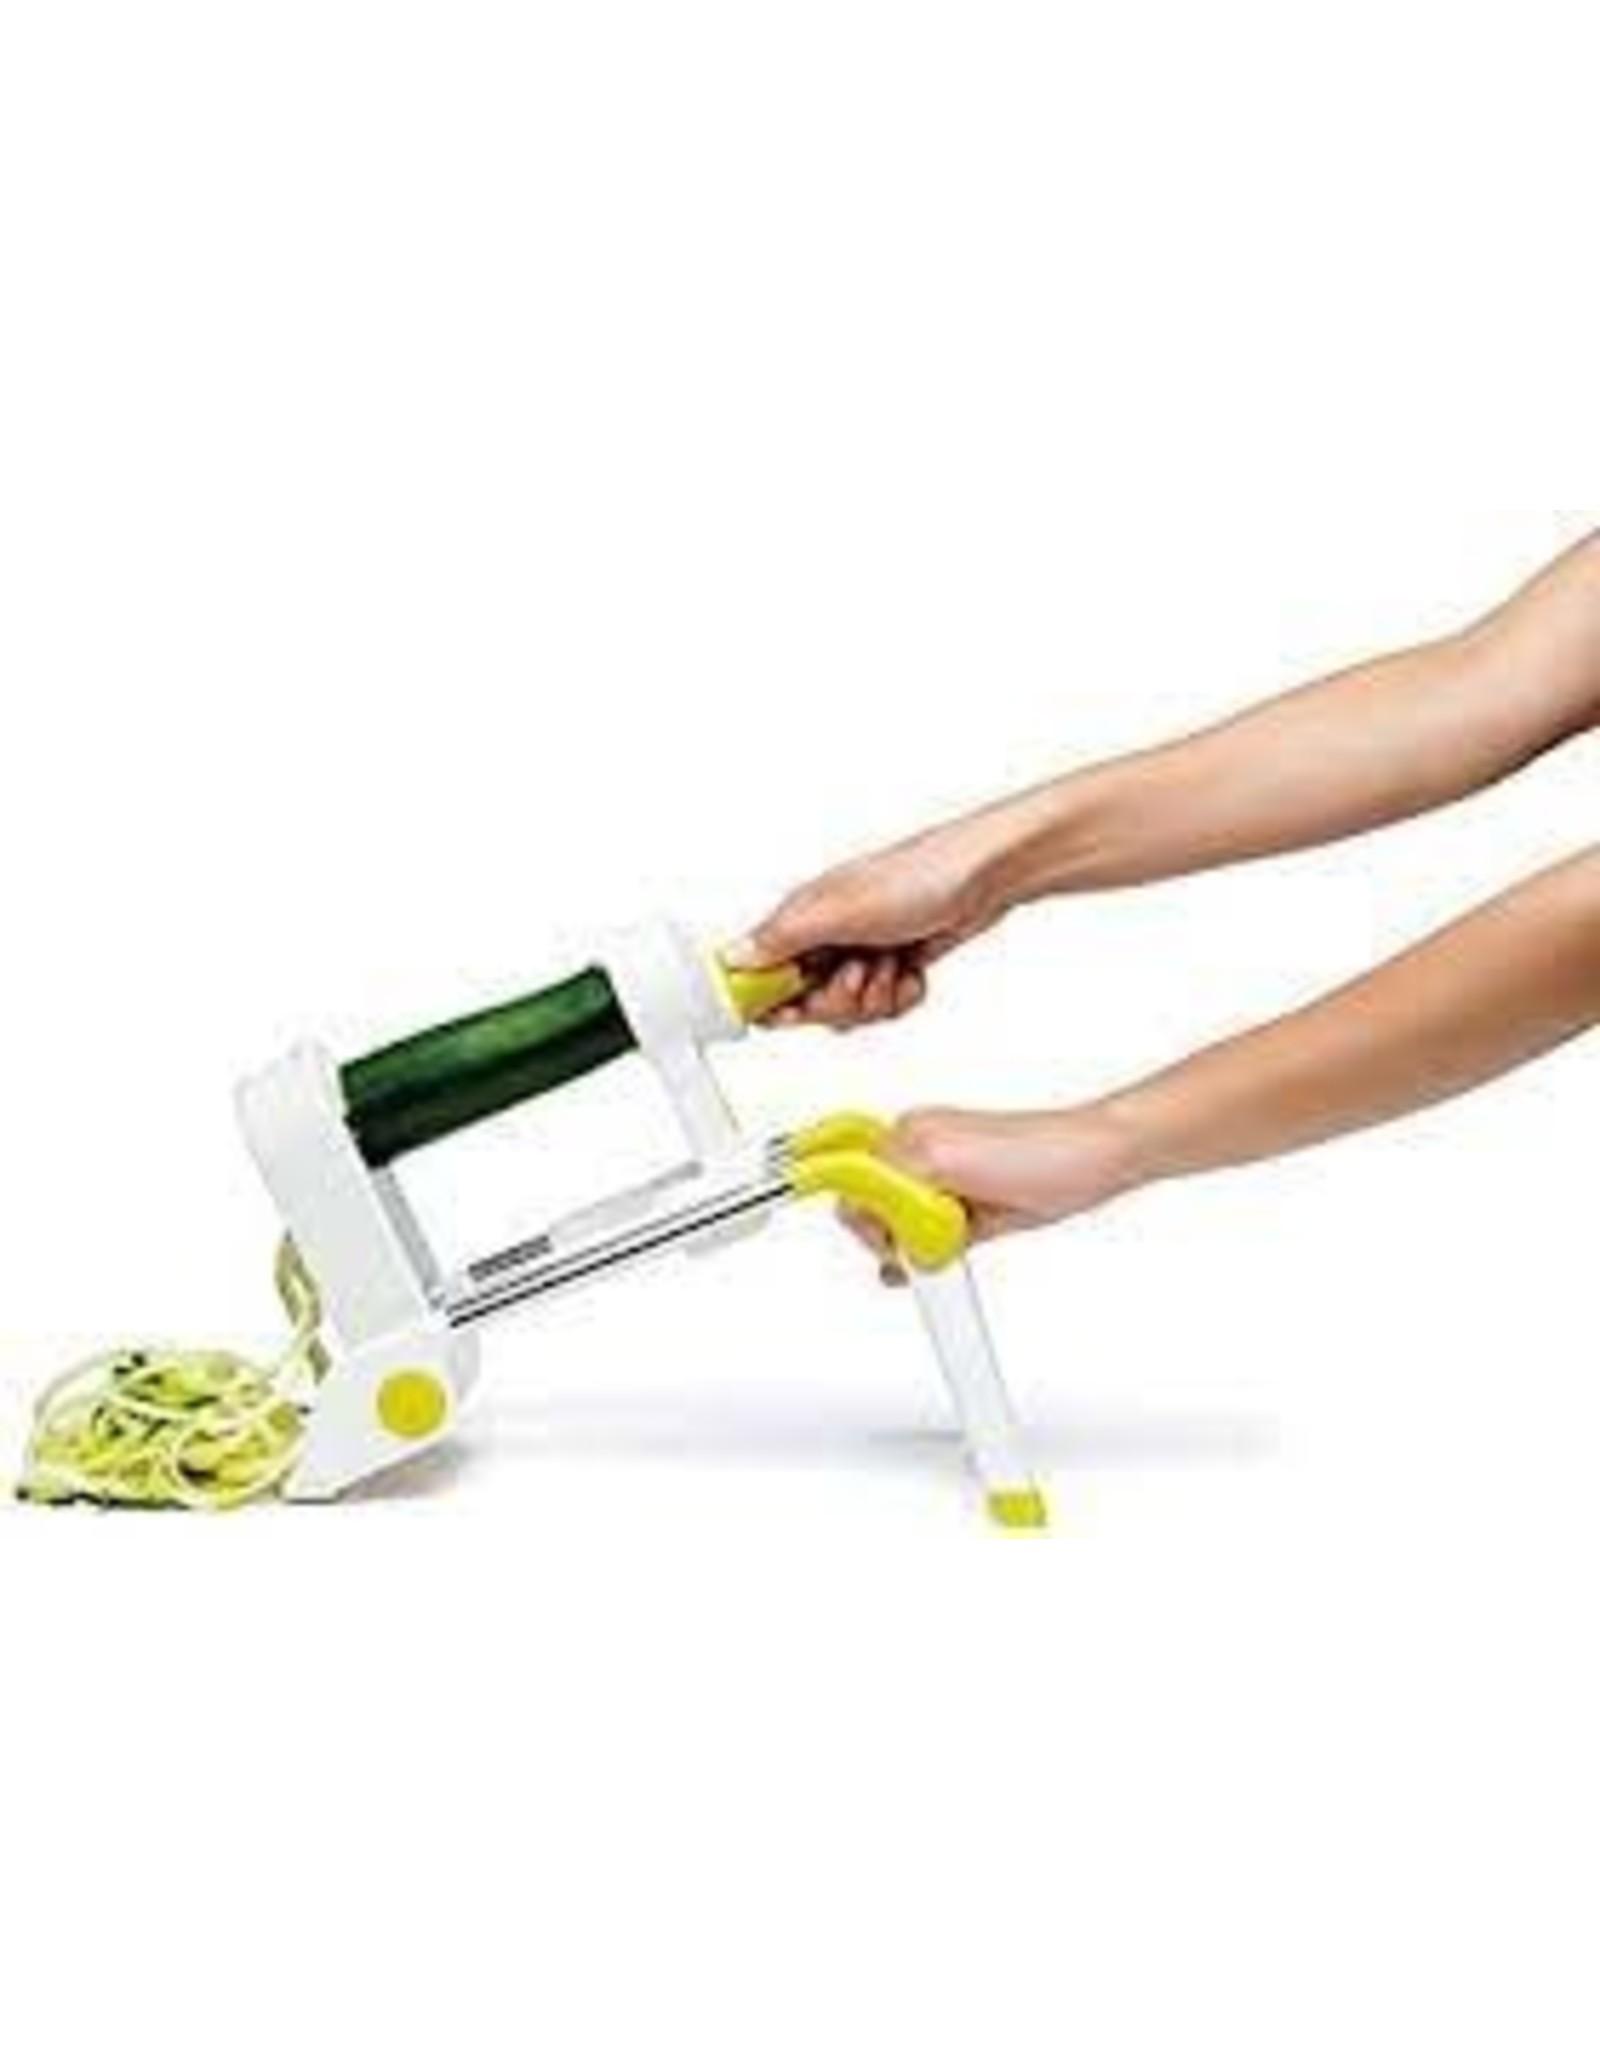 Chef'n CHEF'n-Spiralizer Twist